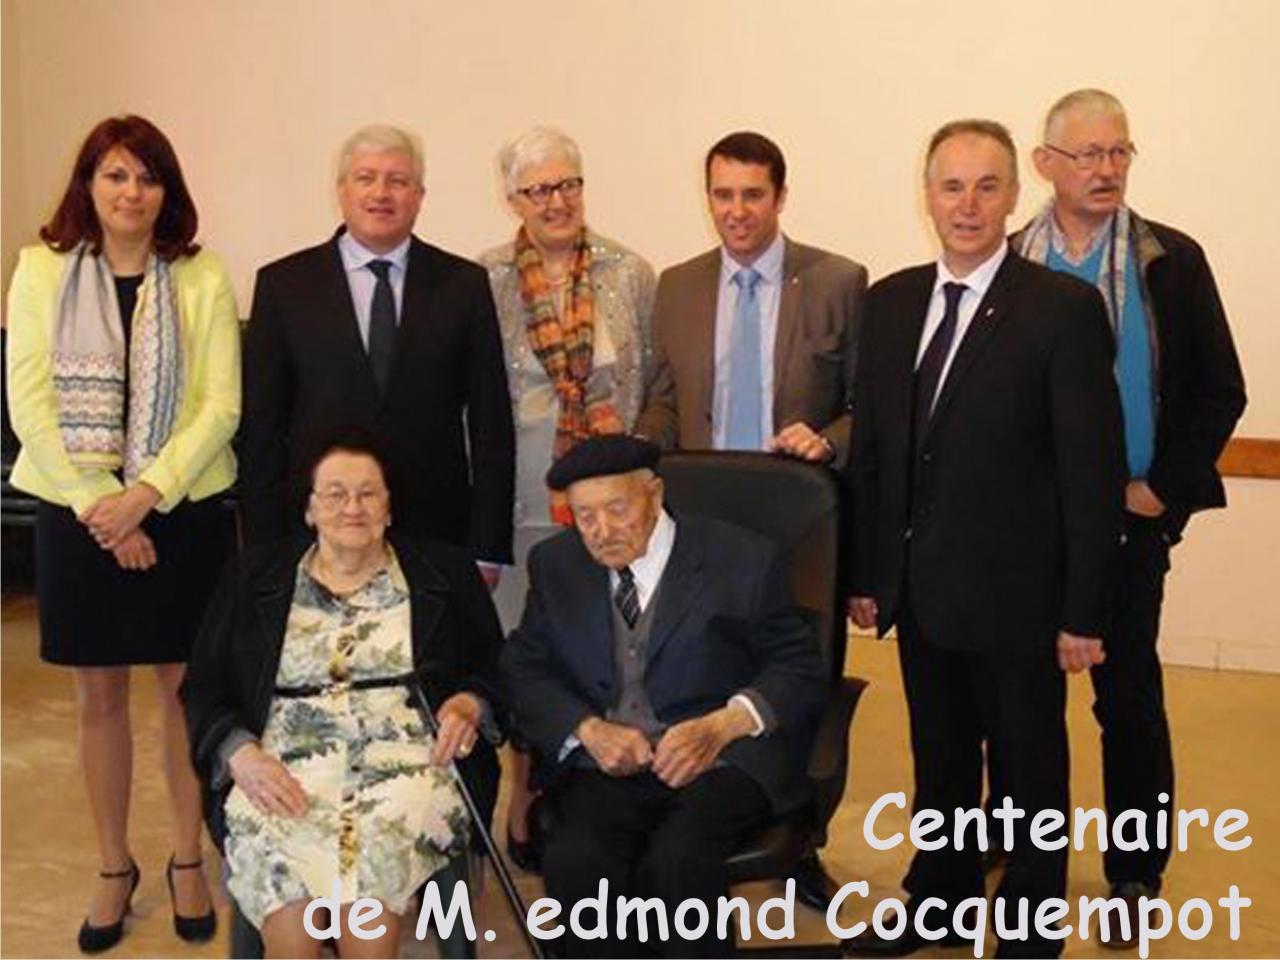 11_centenaire-de-mr-edmond-cocquempot